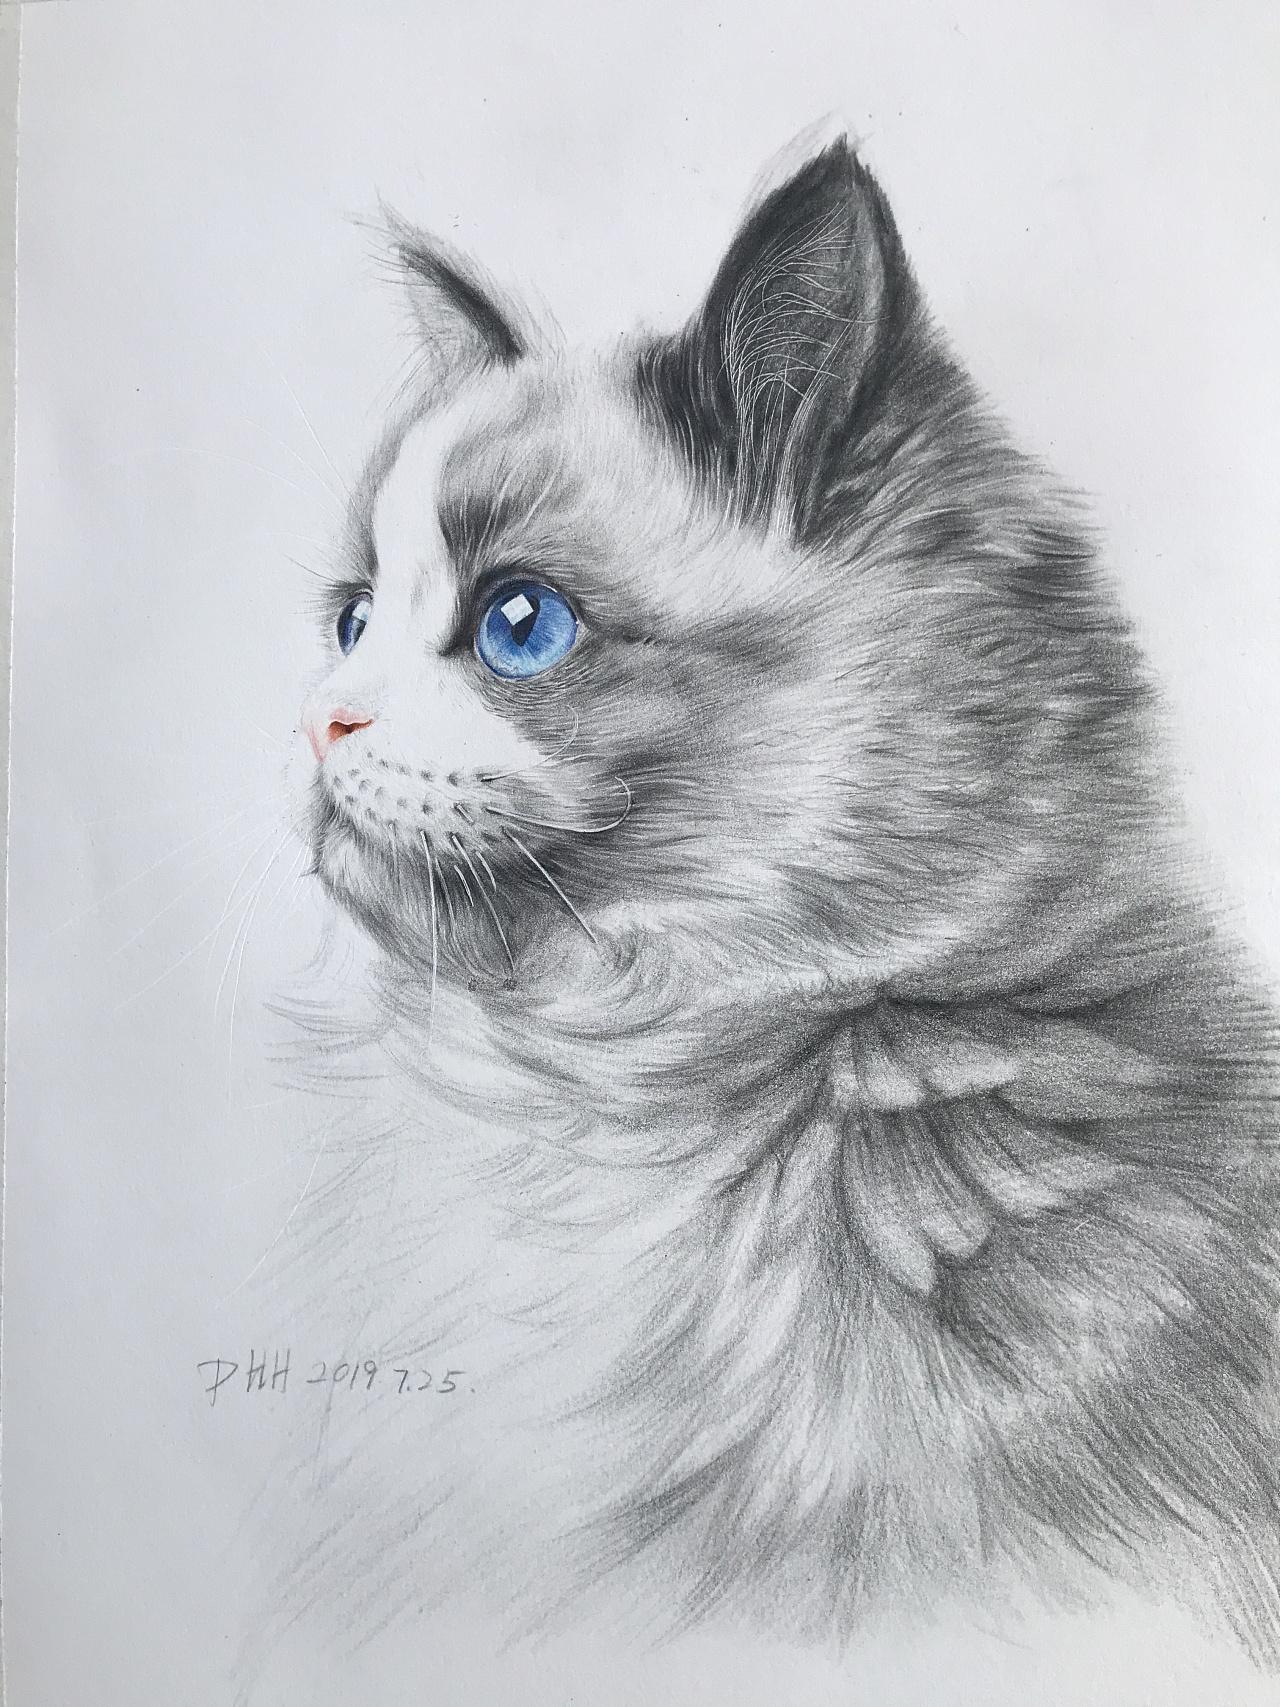 可爱彩铅_可爱猫咪|纯艺术|彩铅|婳画 - 原创作品 - 站酷 (ZCOOL)